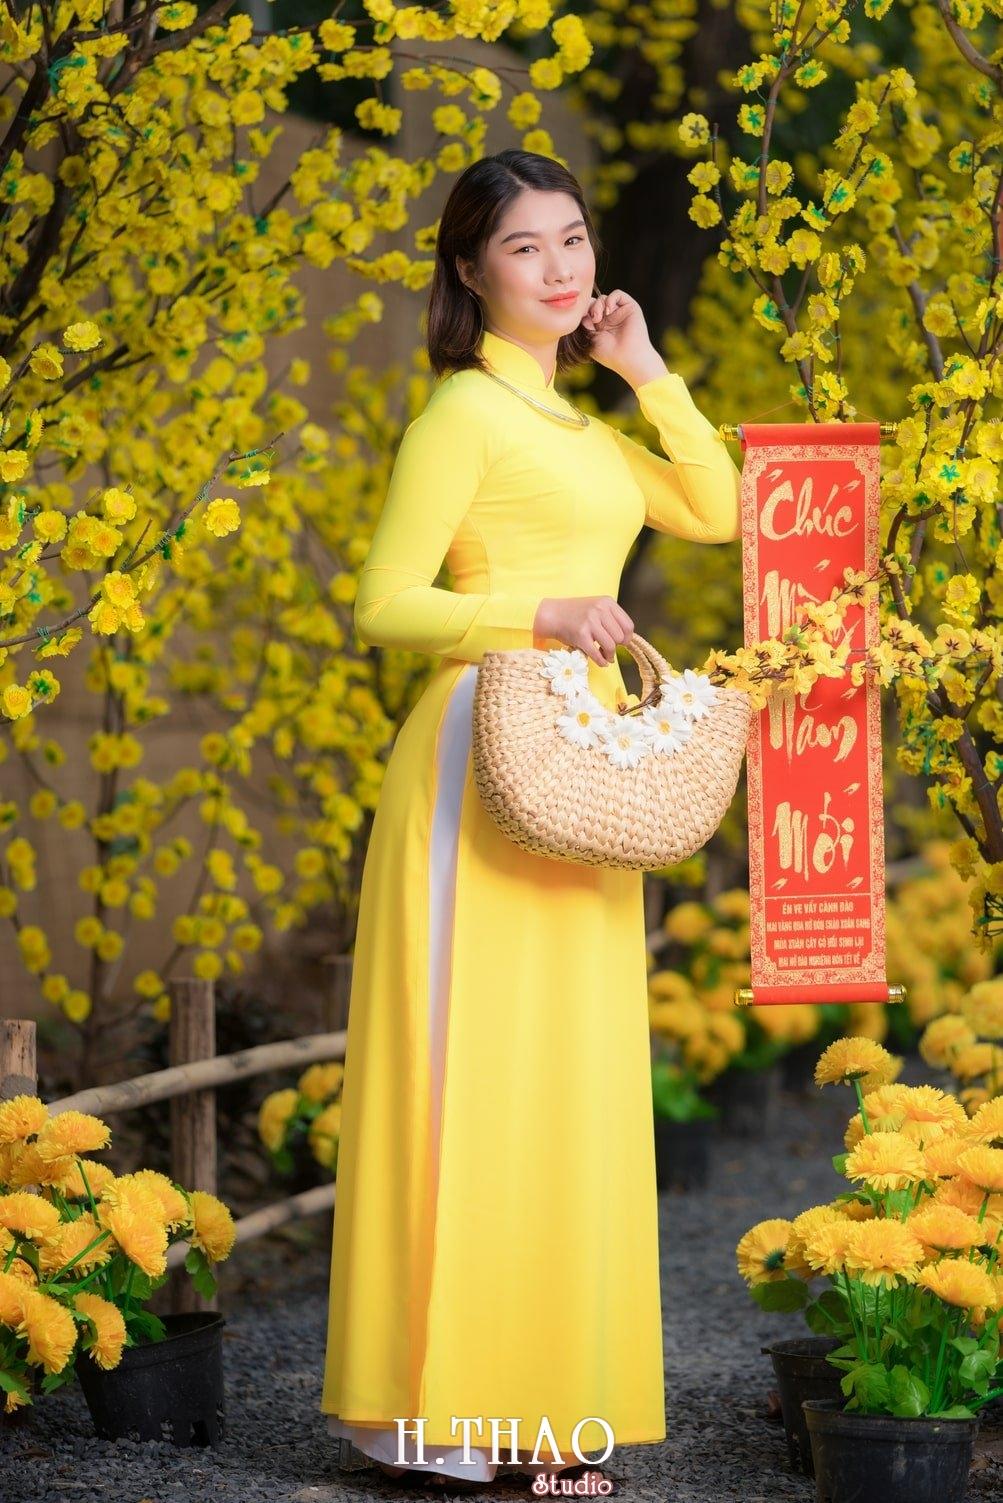 Ao dai tet 4 - Top 40 ảnh áo dài chụp với Hoa đào, hoa mai tết tuyệt đẹp- HThao Studio